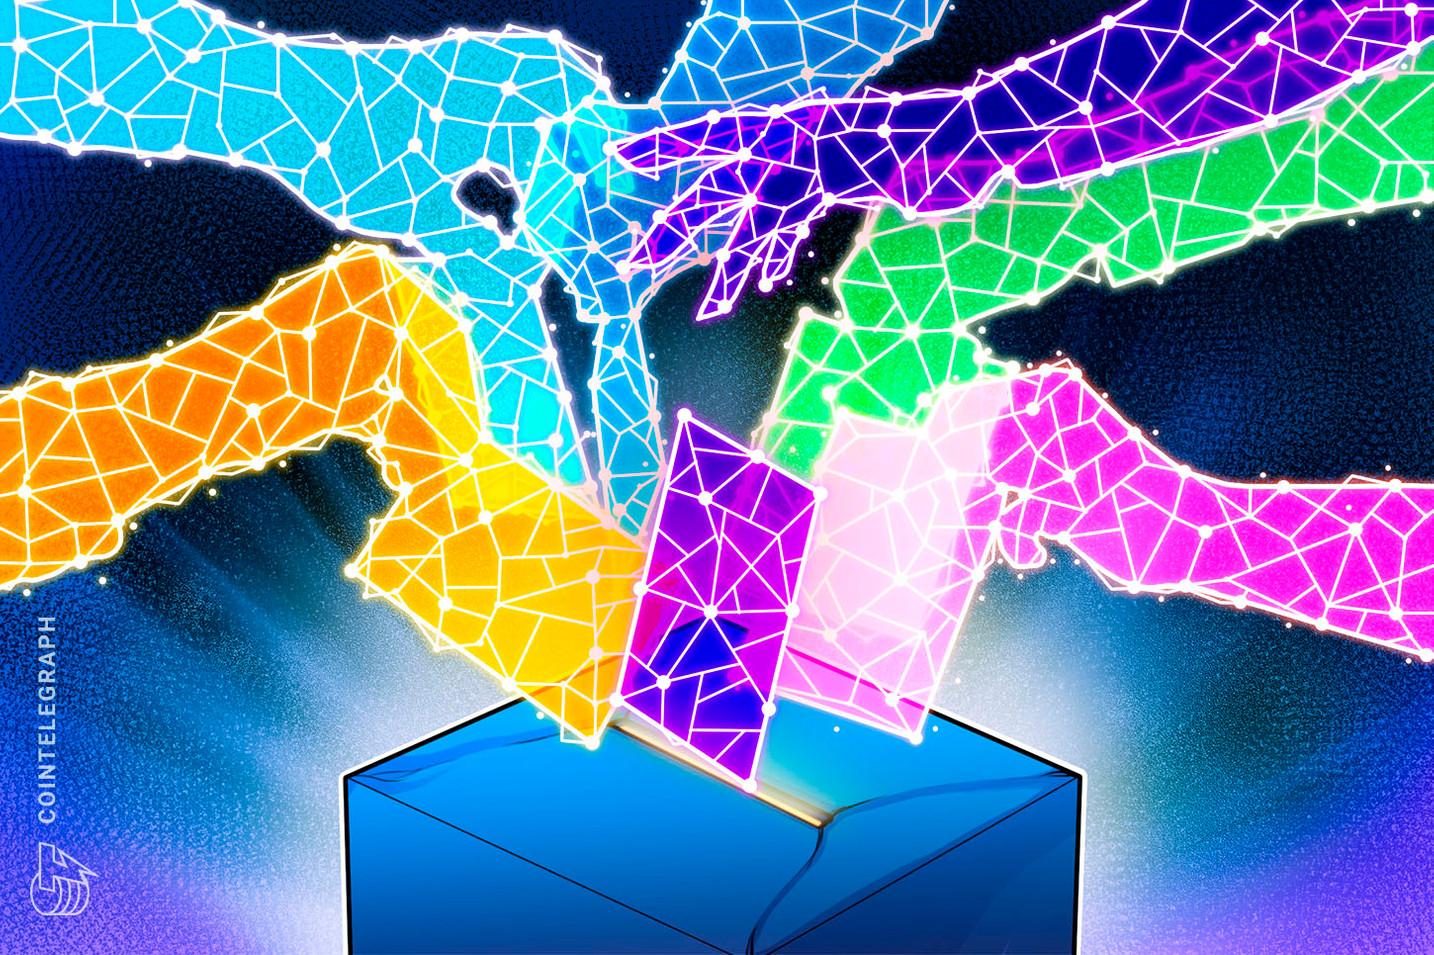 印度泰兰加纳邦对使用区块链进行电子投票感兴趣